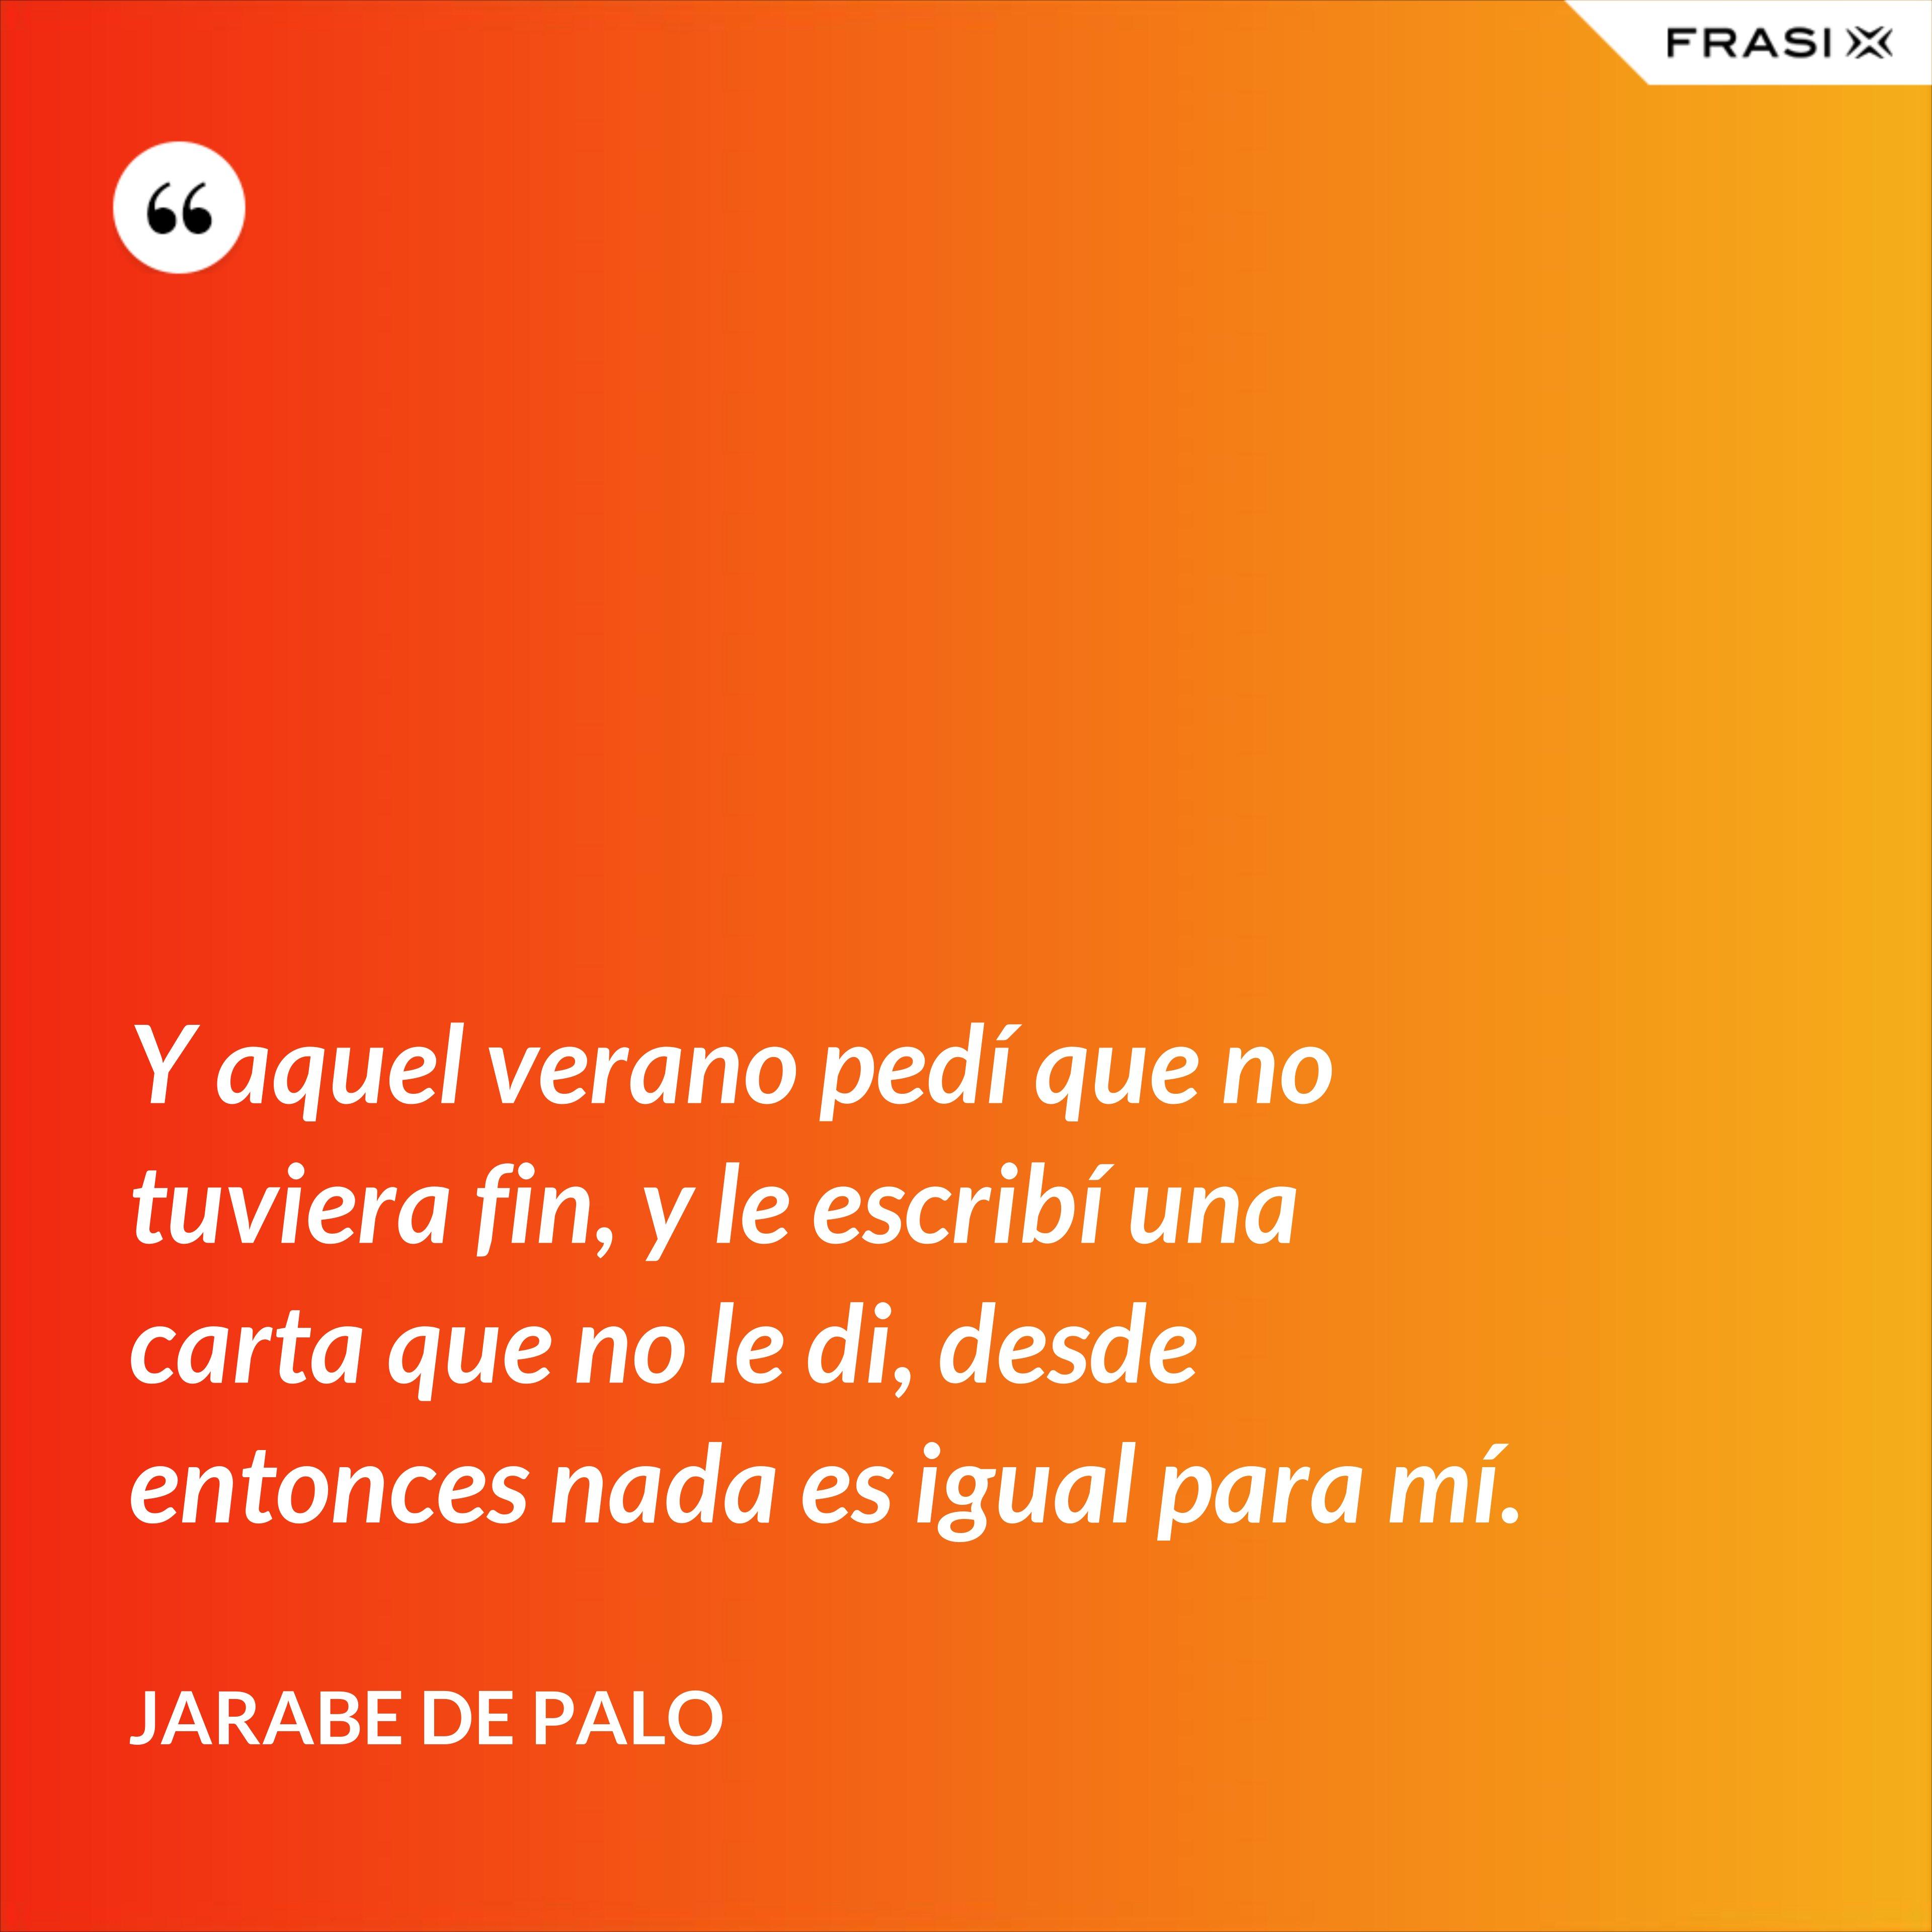 Y aquel verano pedí que no tuviera fin, y le escribí una carta que no le di, desde entonces nada es igual para mí. - Jarabe De Palo